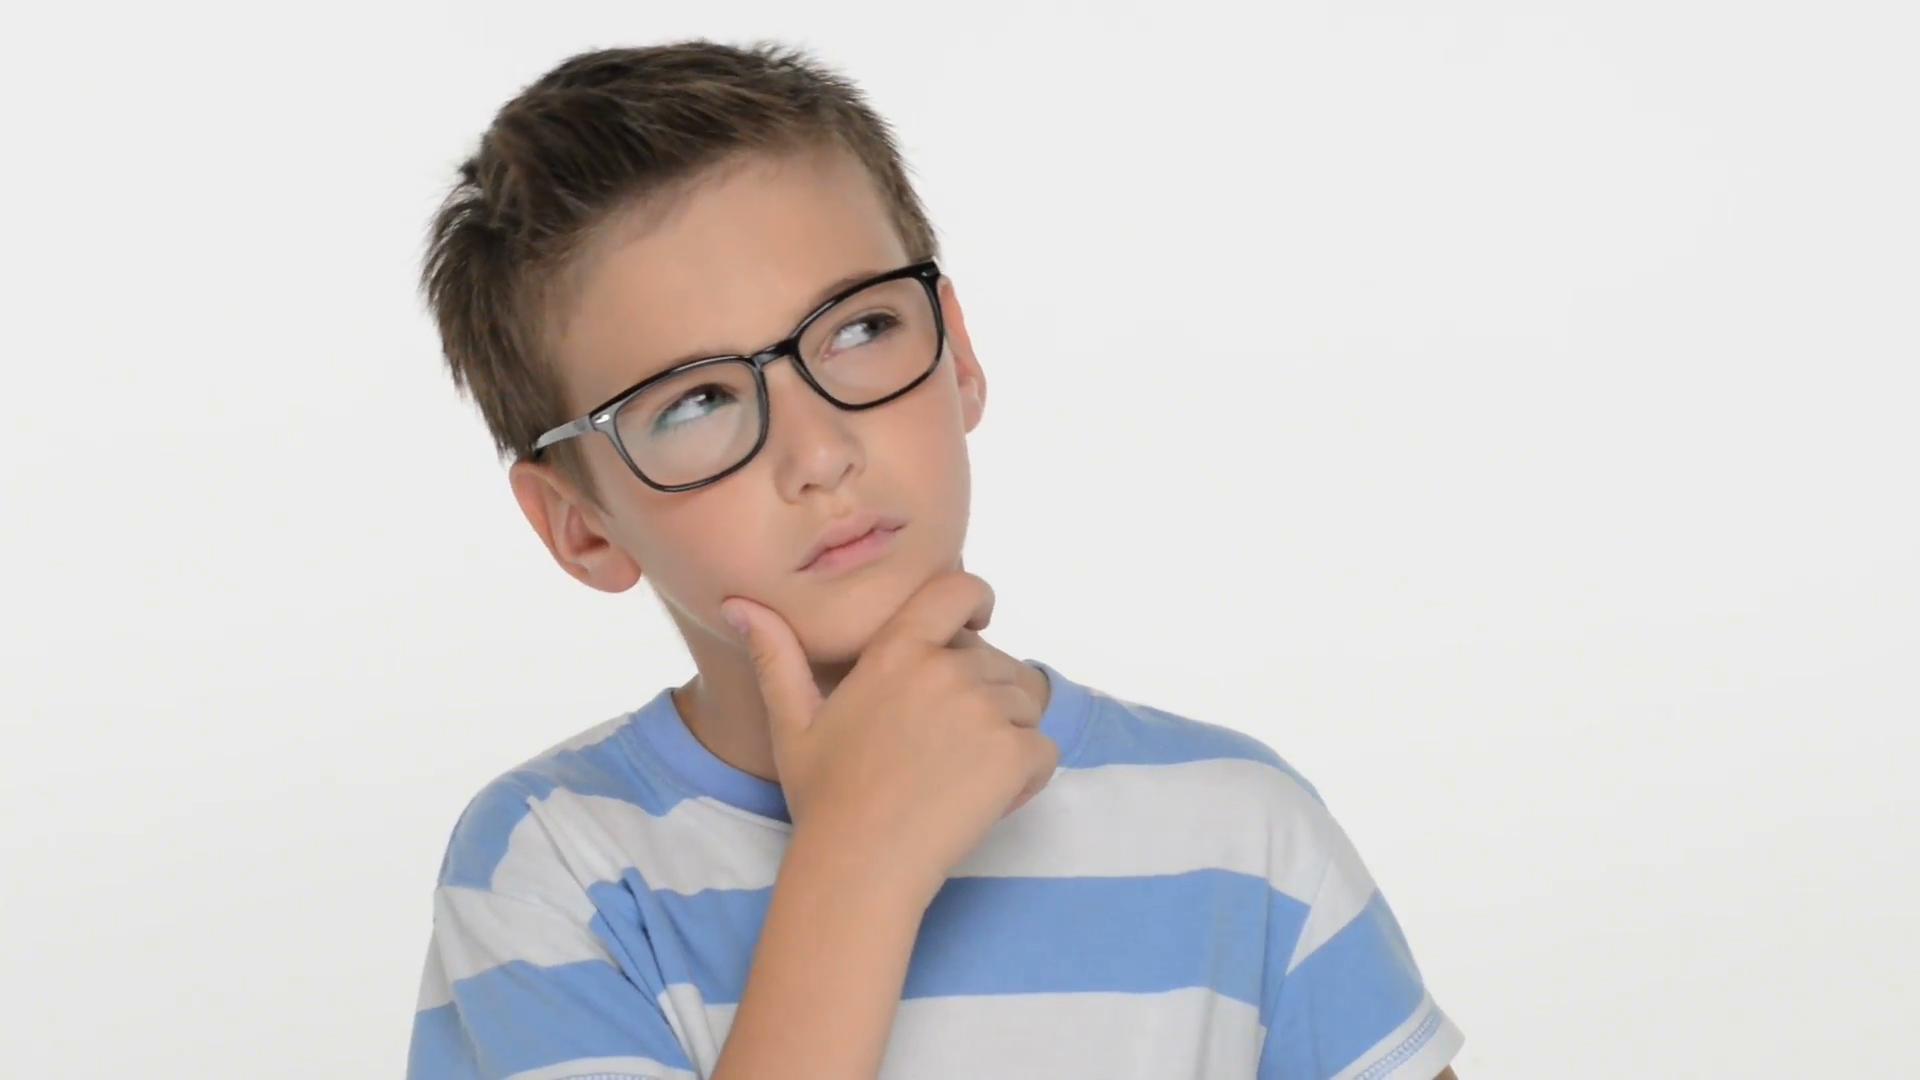 نتيجة بحث الصور عن a boy thinking image